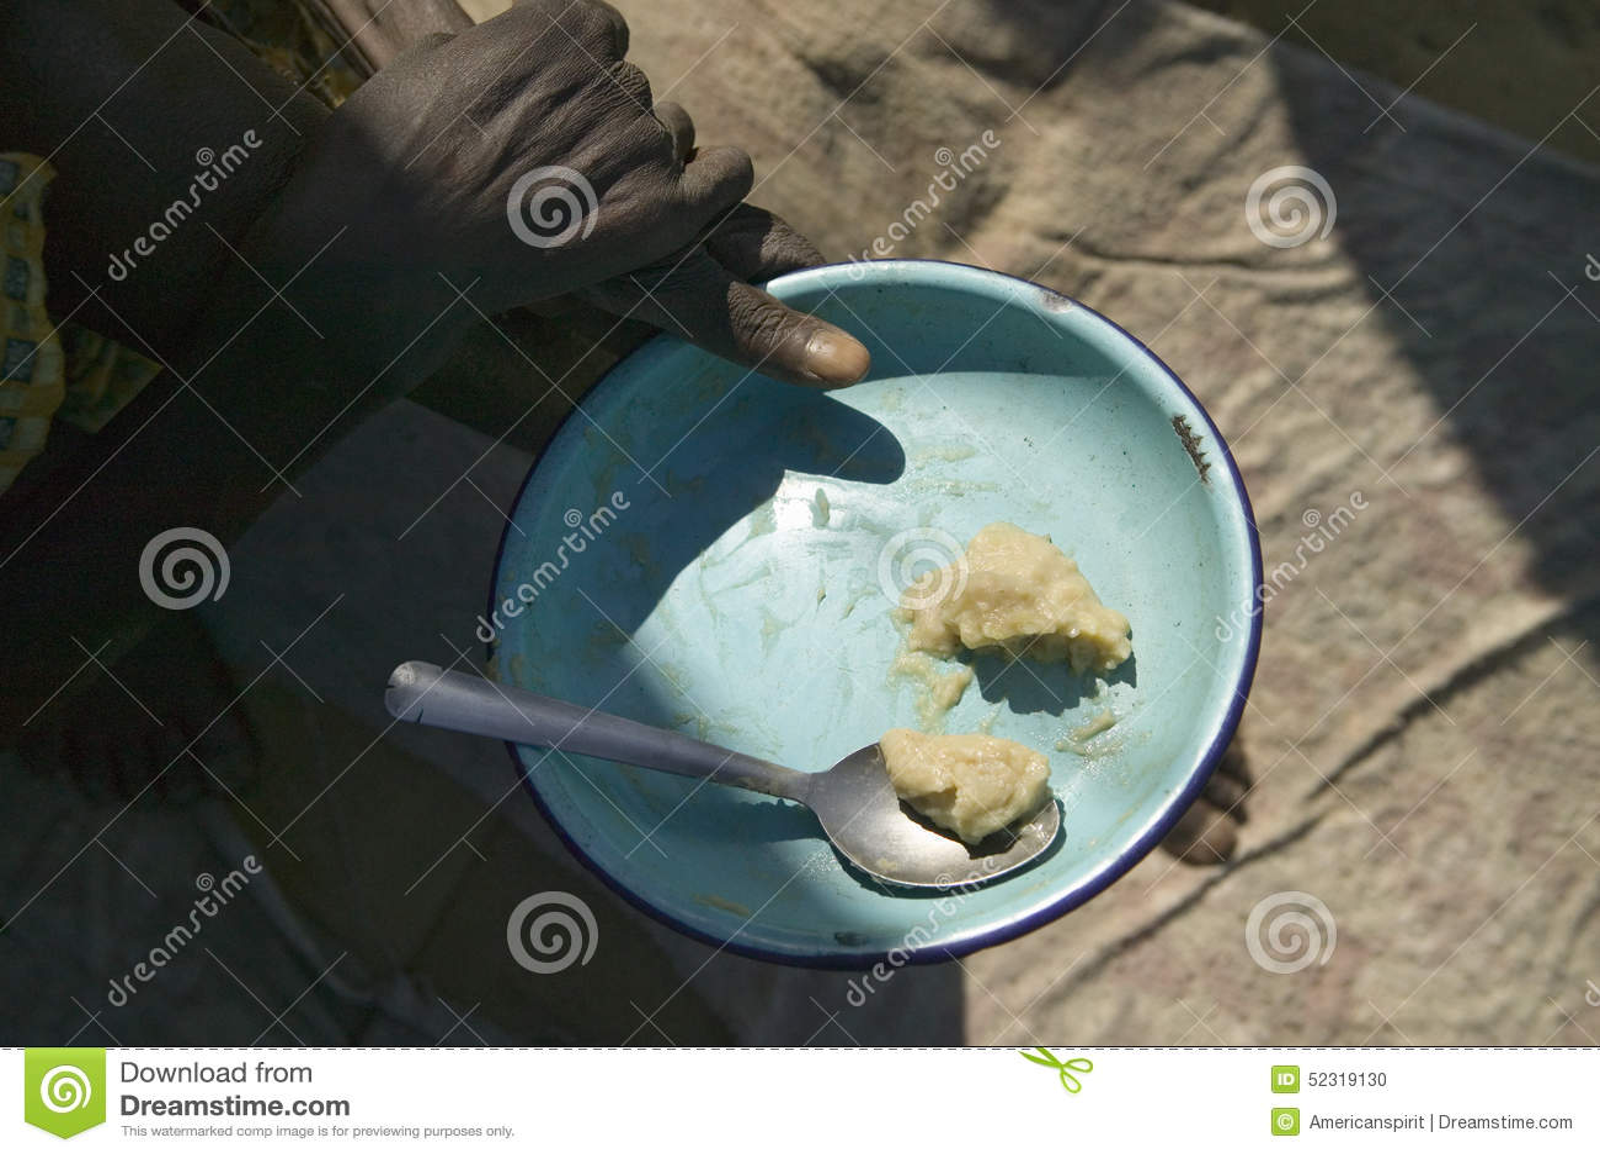 食物板材是为一些被提供的总食物在肯尼亚在Pepo La Tumaini Jangwani, HIV/AIDS公共修复Prog